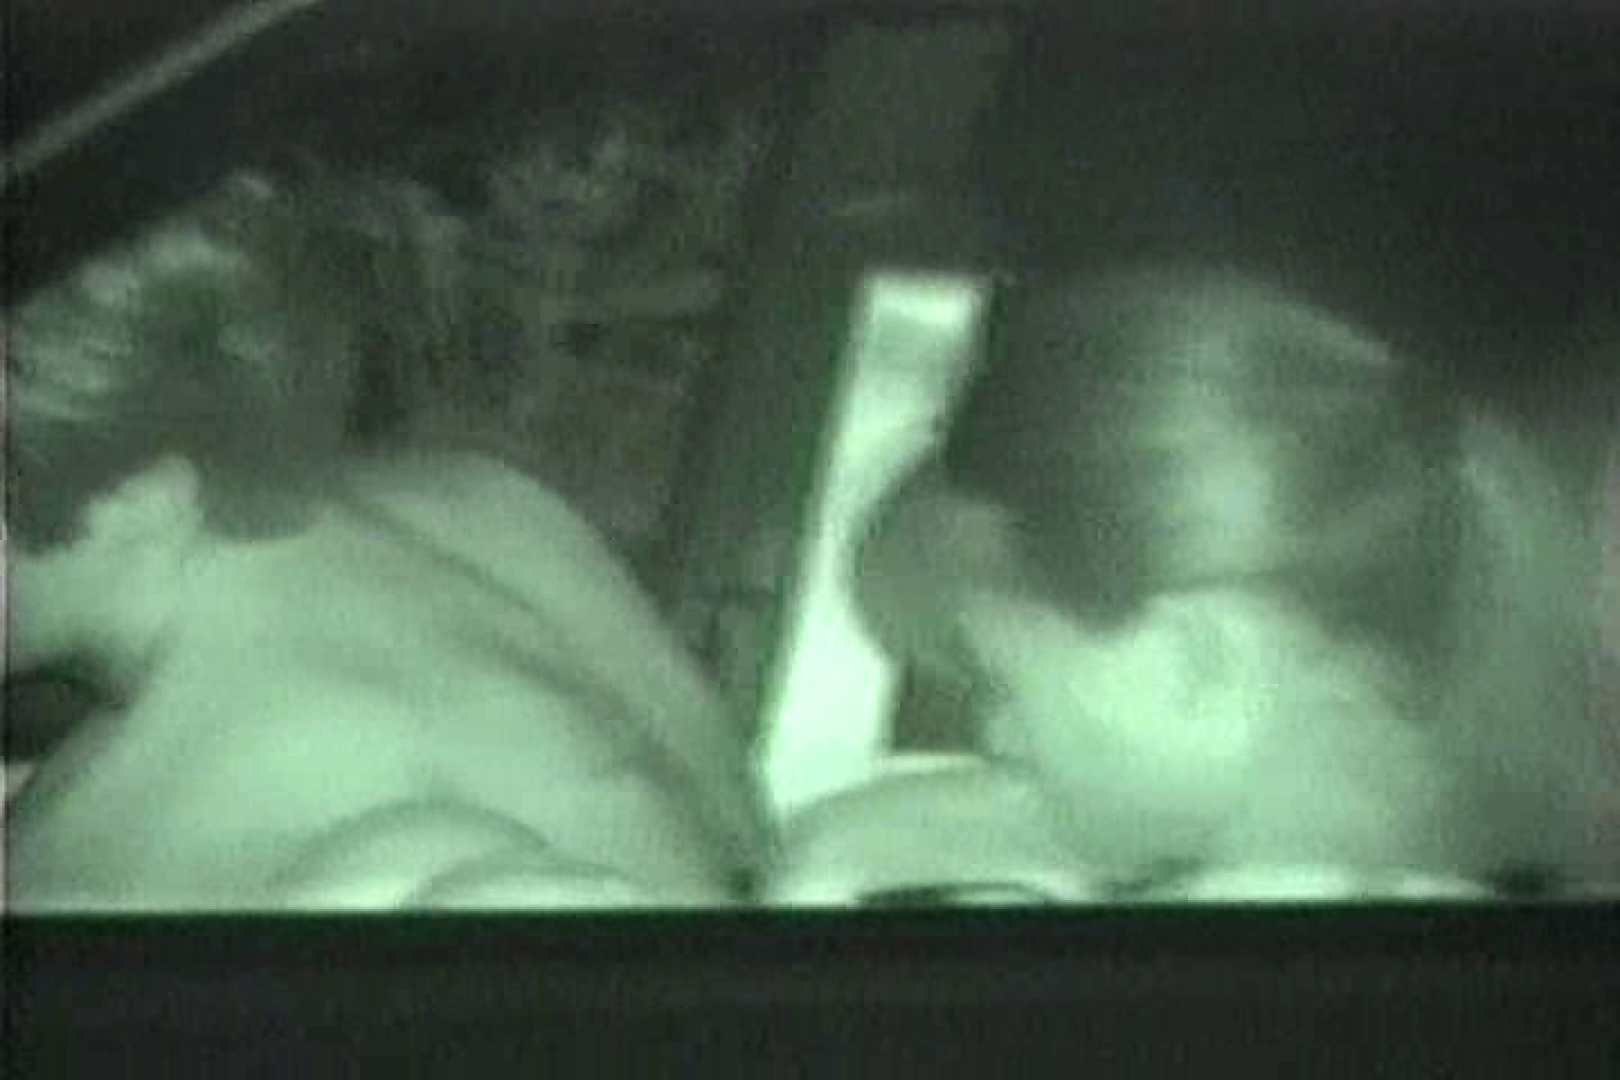 車の中はラブホテル 無修正版  Vol.9 エロティックなOL 性交動画流出 60画像 38